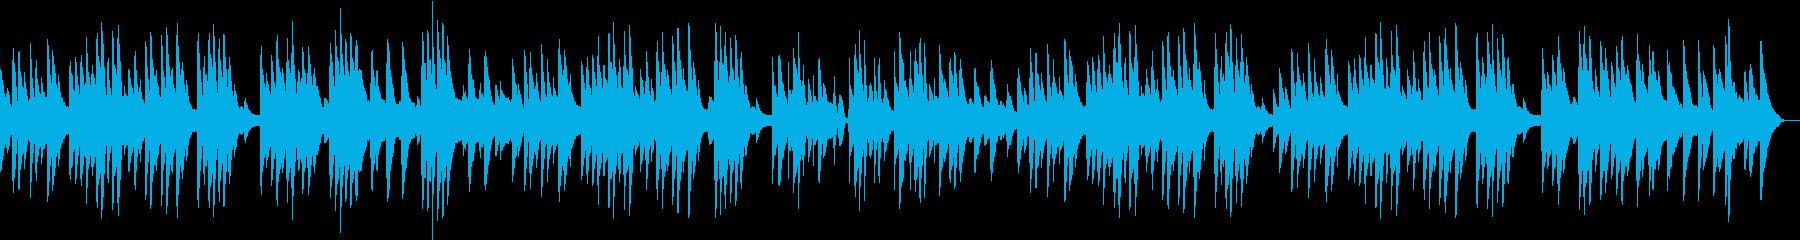 不思議な雰囲気のソロピアノ曲の再生済みの波形